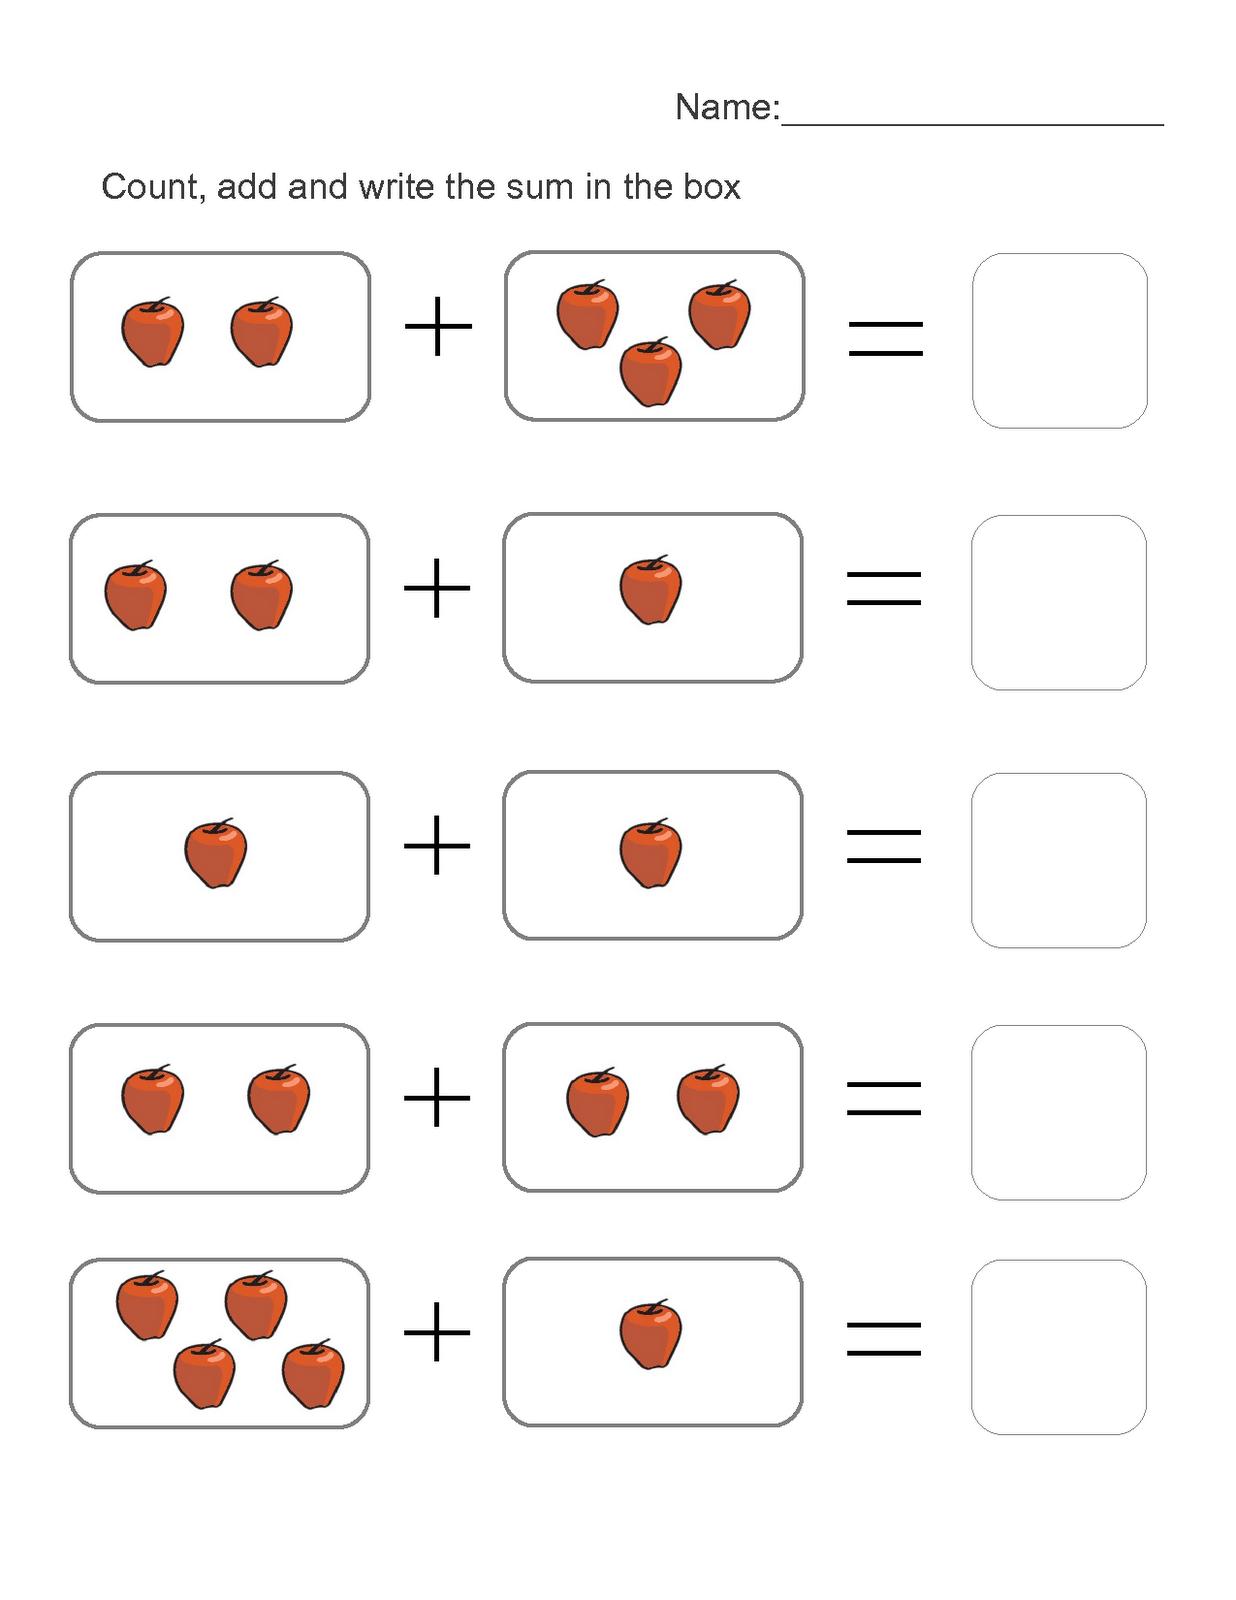 Addition Worksheet For Kids